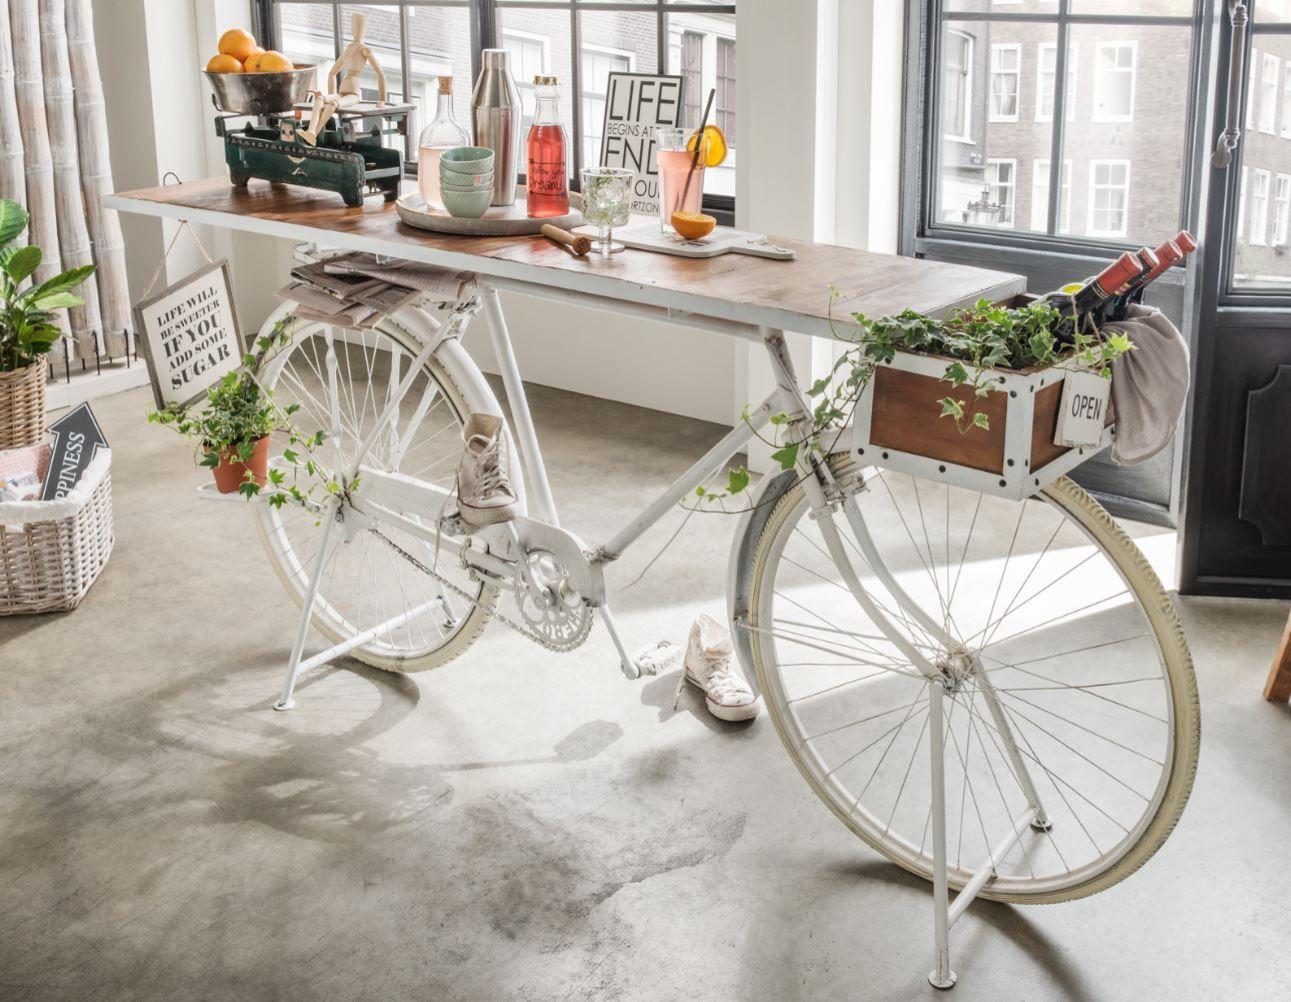 deko fahrrad auto m bel pinterest einrichtungsideen fahrr der und tisch. Black Bedroom Furniture Sets. Home Design Ideas